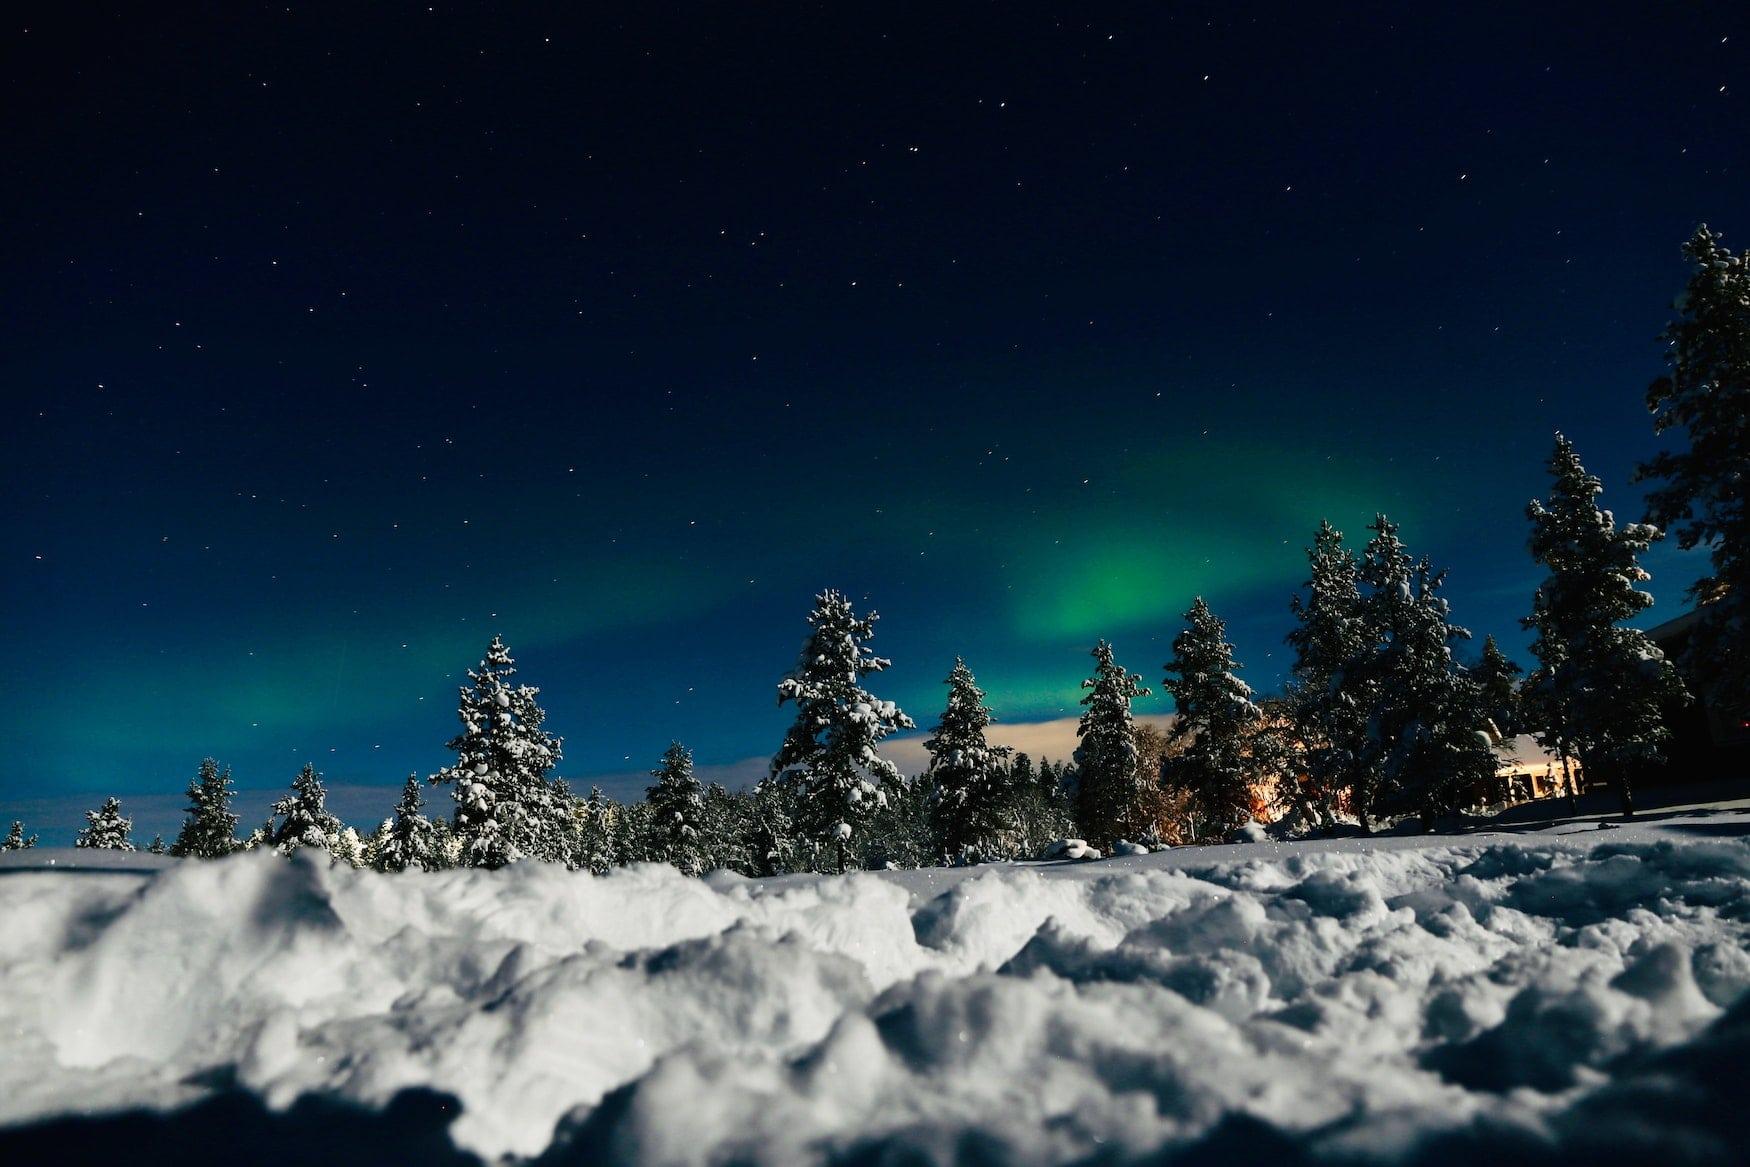 Schnee-Landschaft in Sodankylä, im Hintergrund sind grüne Nordlichter zu sehen